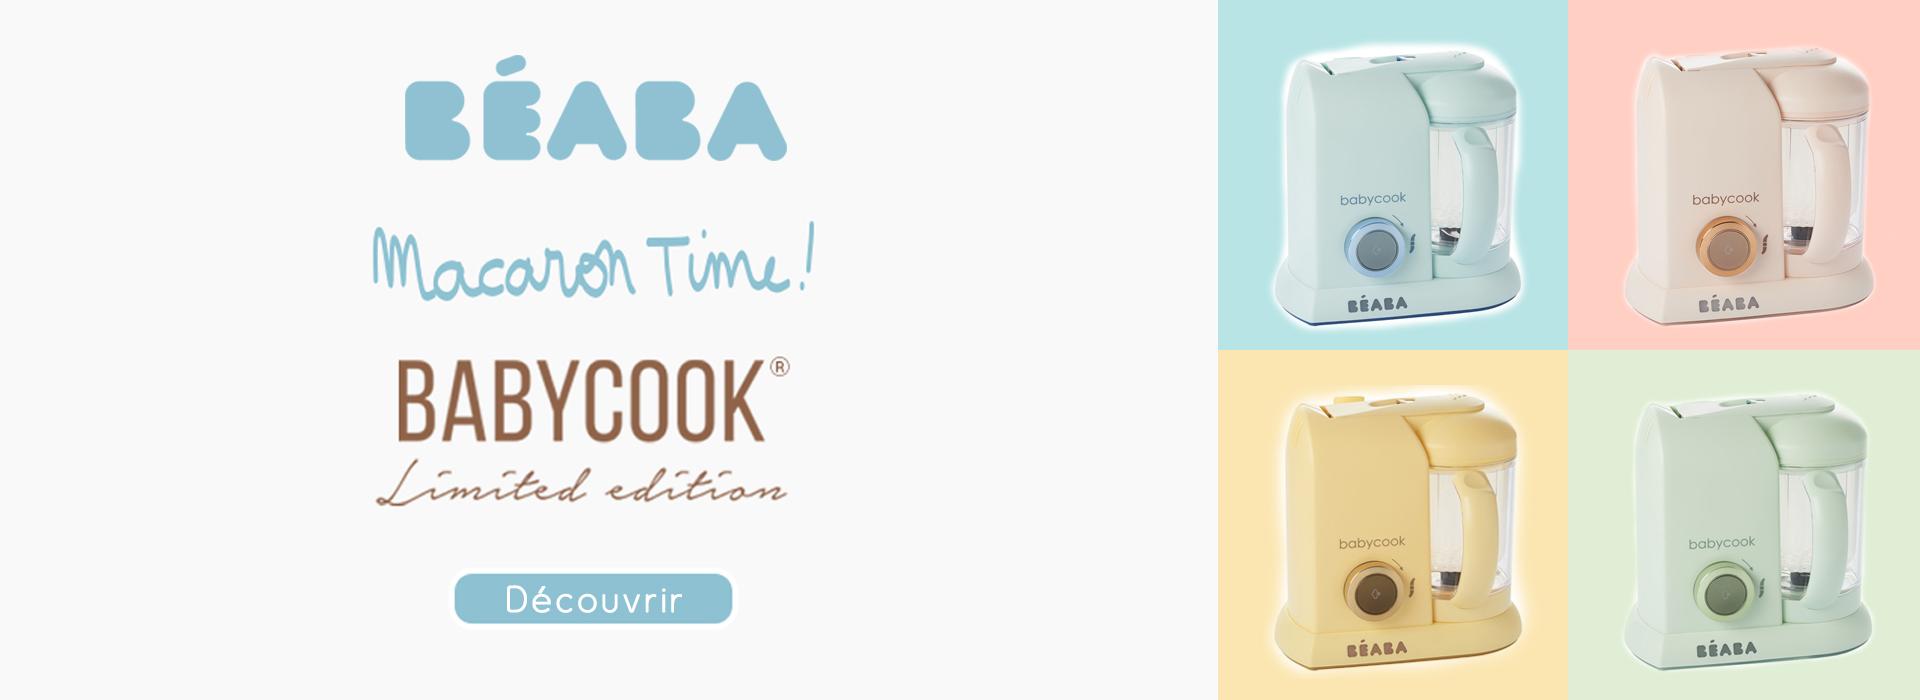 Beaba - Nouvelle collection Babycook Macaron